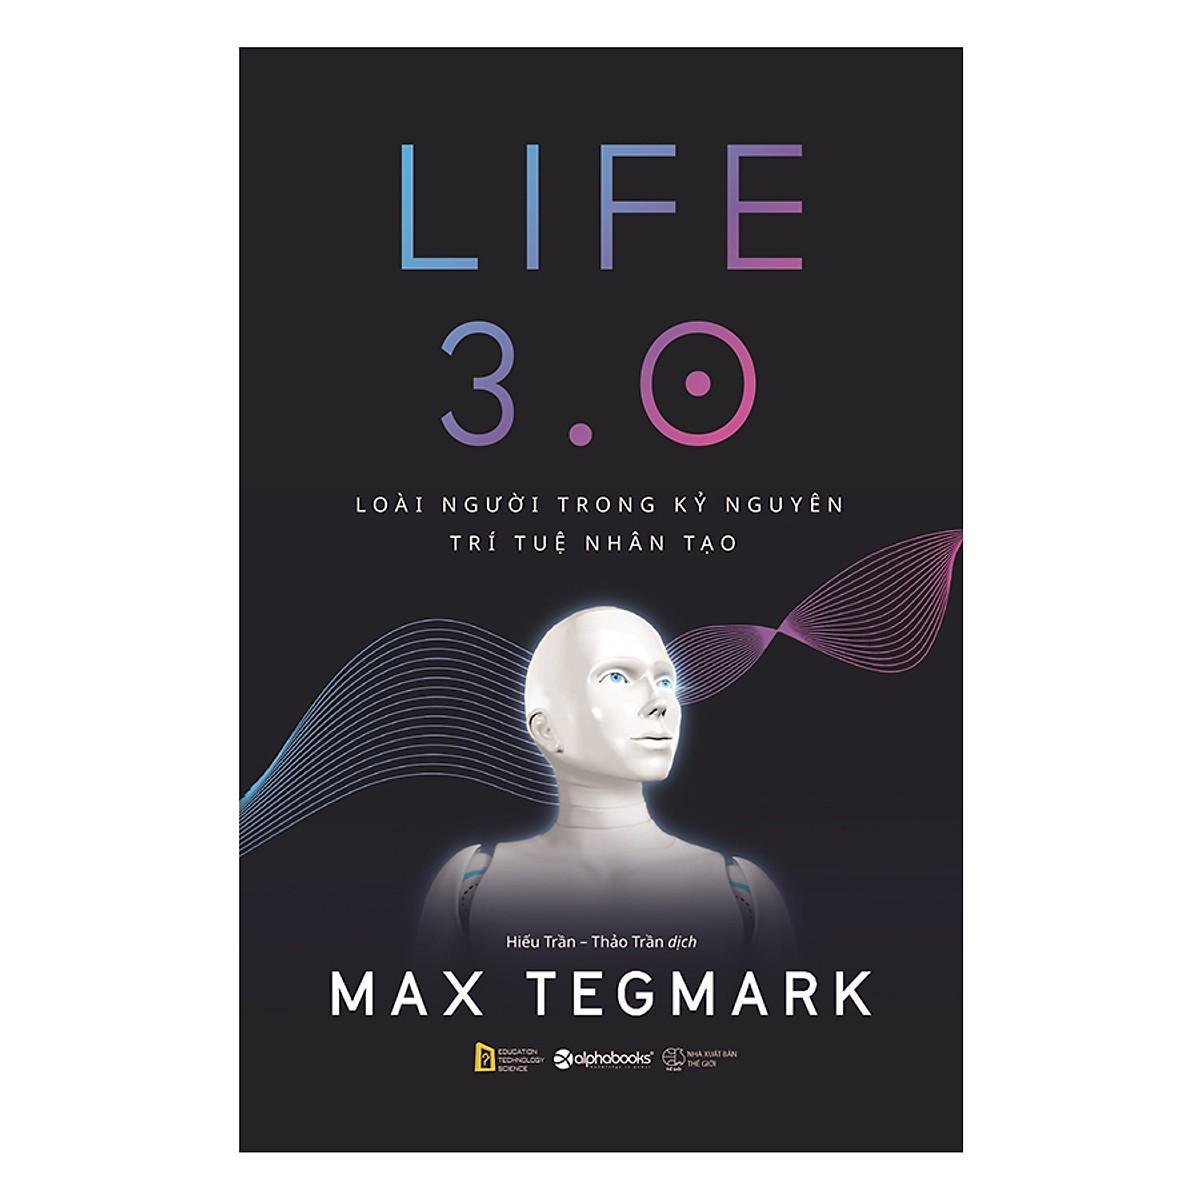 Sách-Life 3.0-Loài Người Trong Kỷ Nguyên Trí Tuệ Nhân Tạo Giá Tốt Không Thể Bỏ Qua